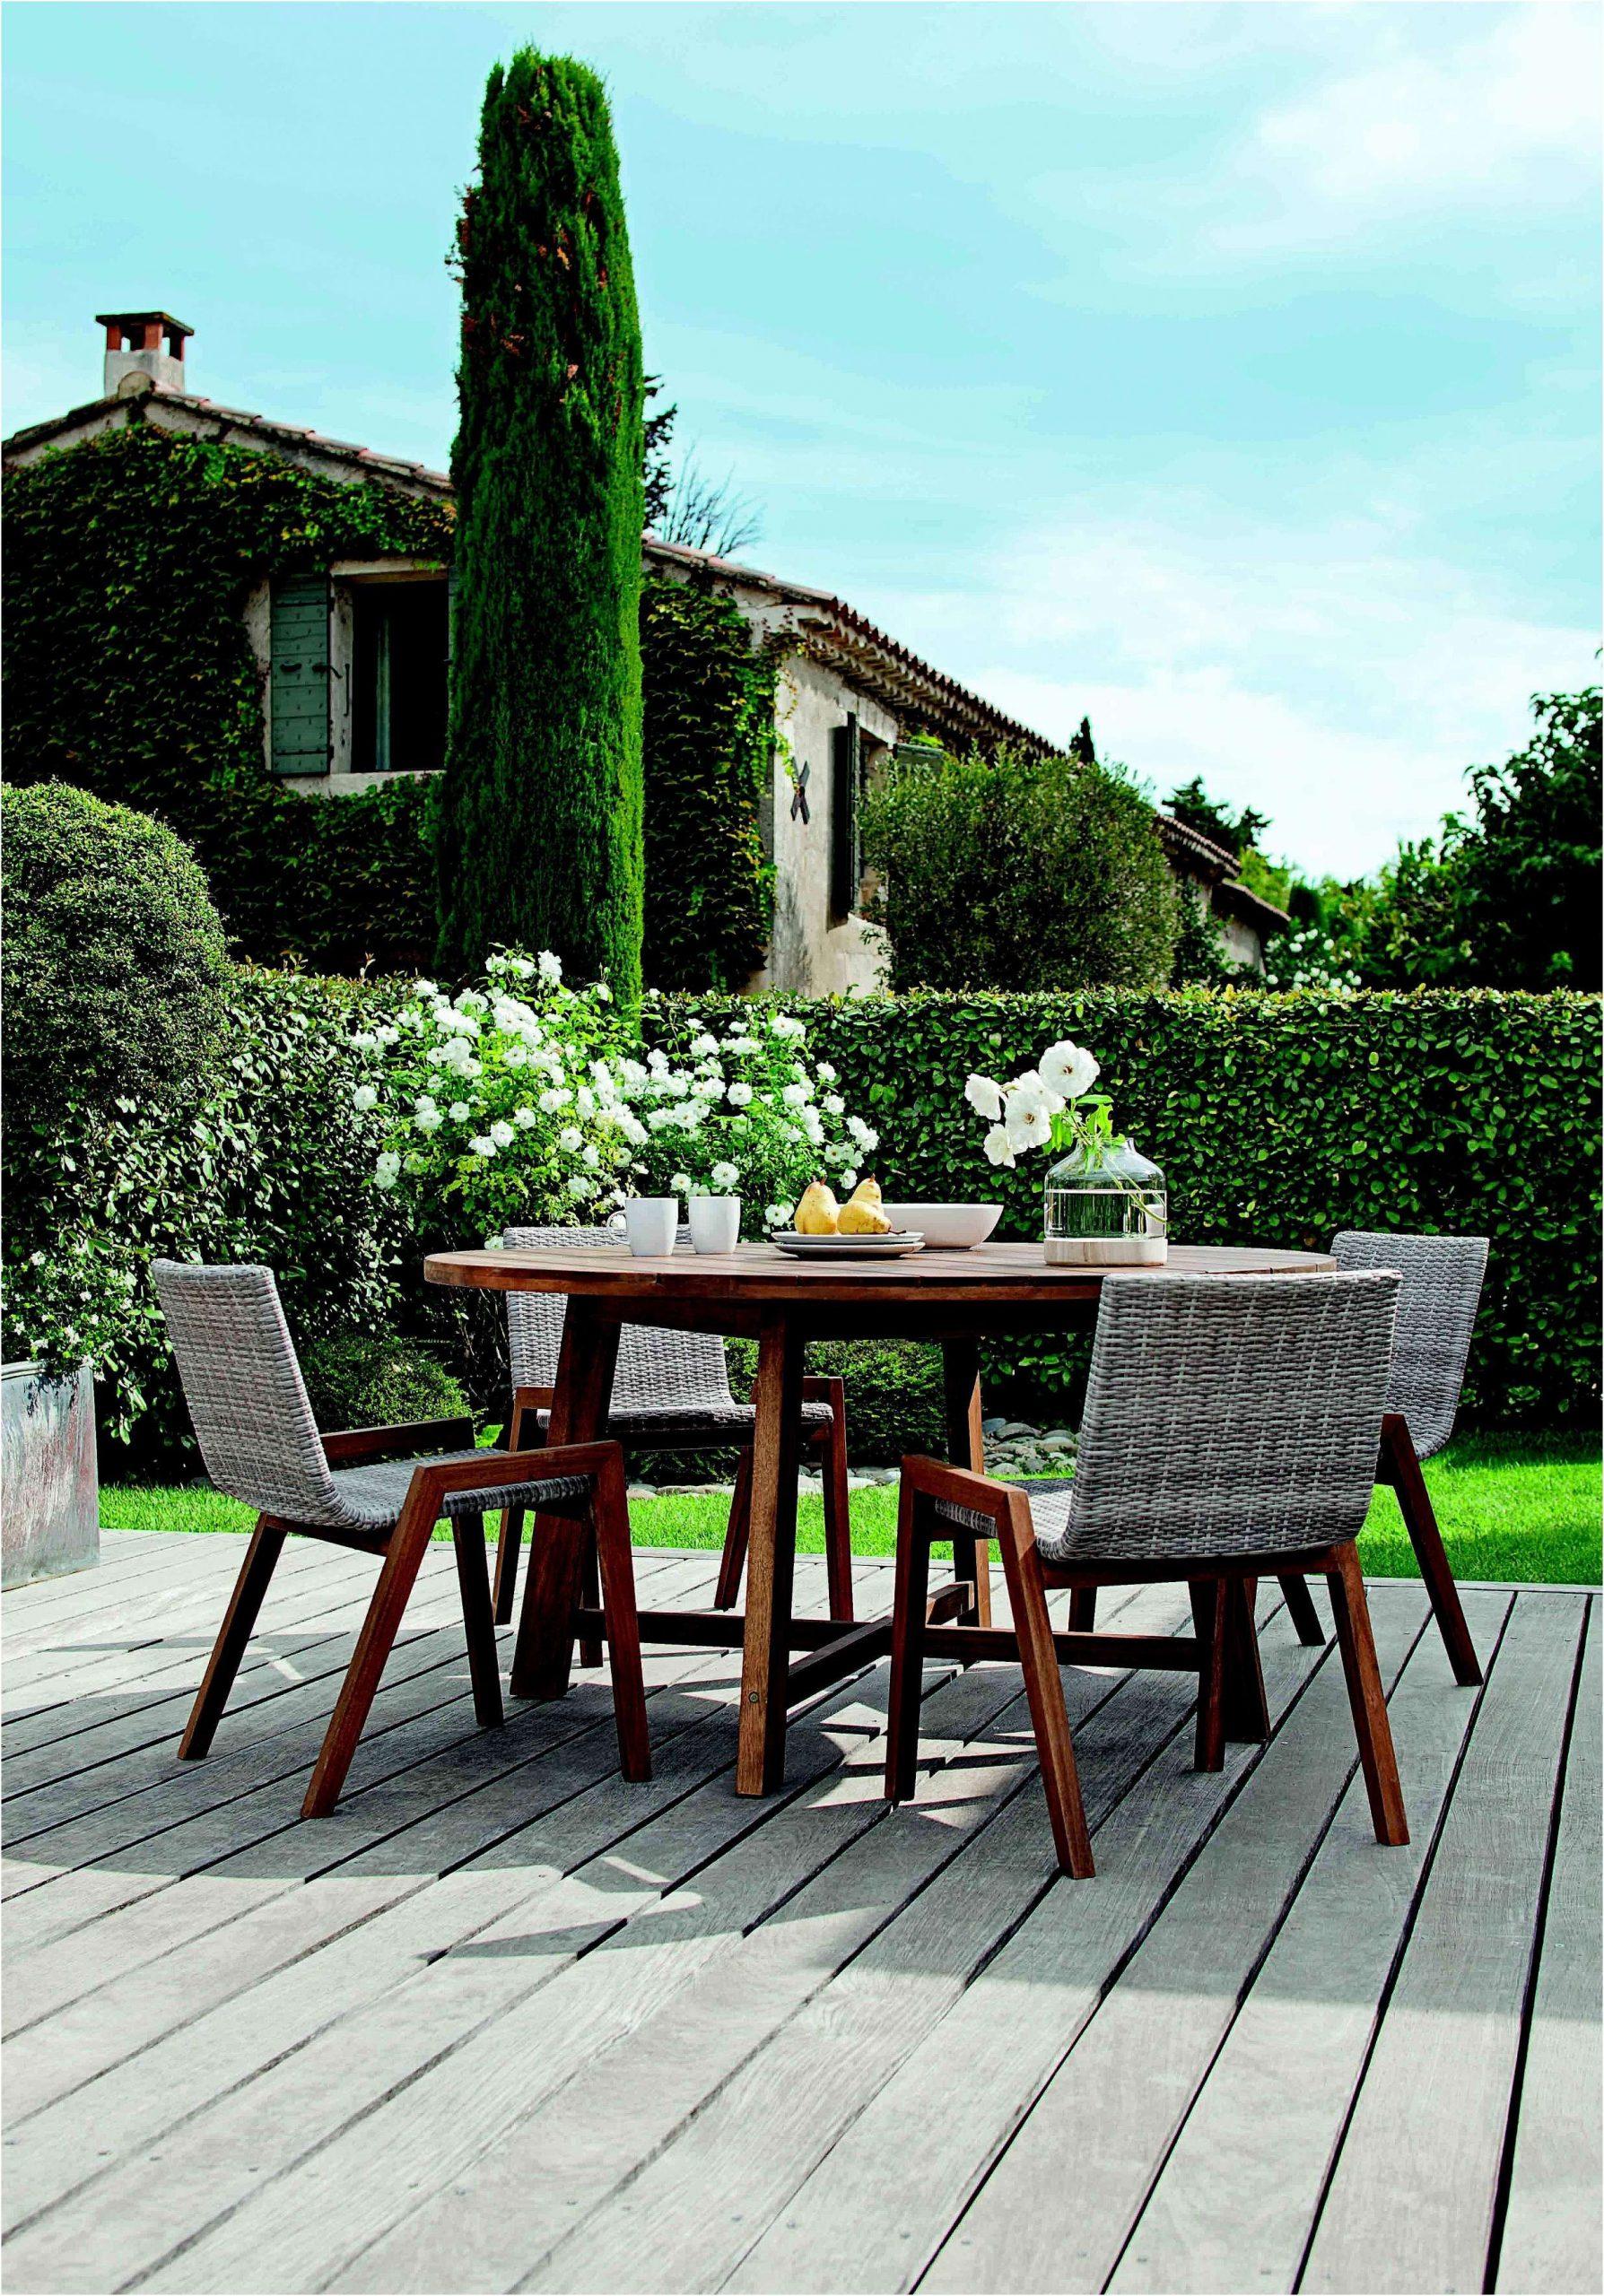 9 Attrayant Salon Jardin Soldes Image | Bunga destiné Bungalow De Jardin Design